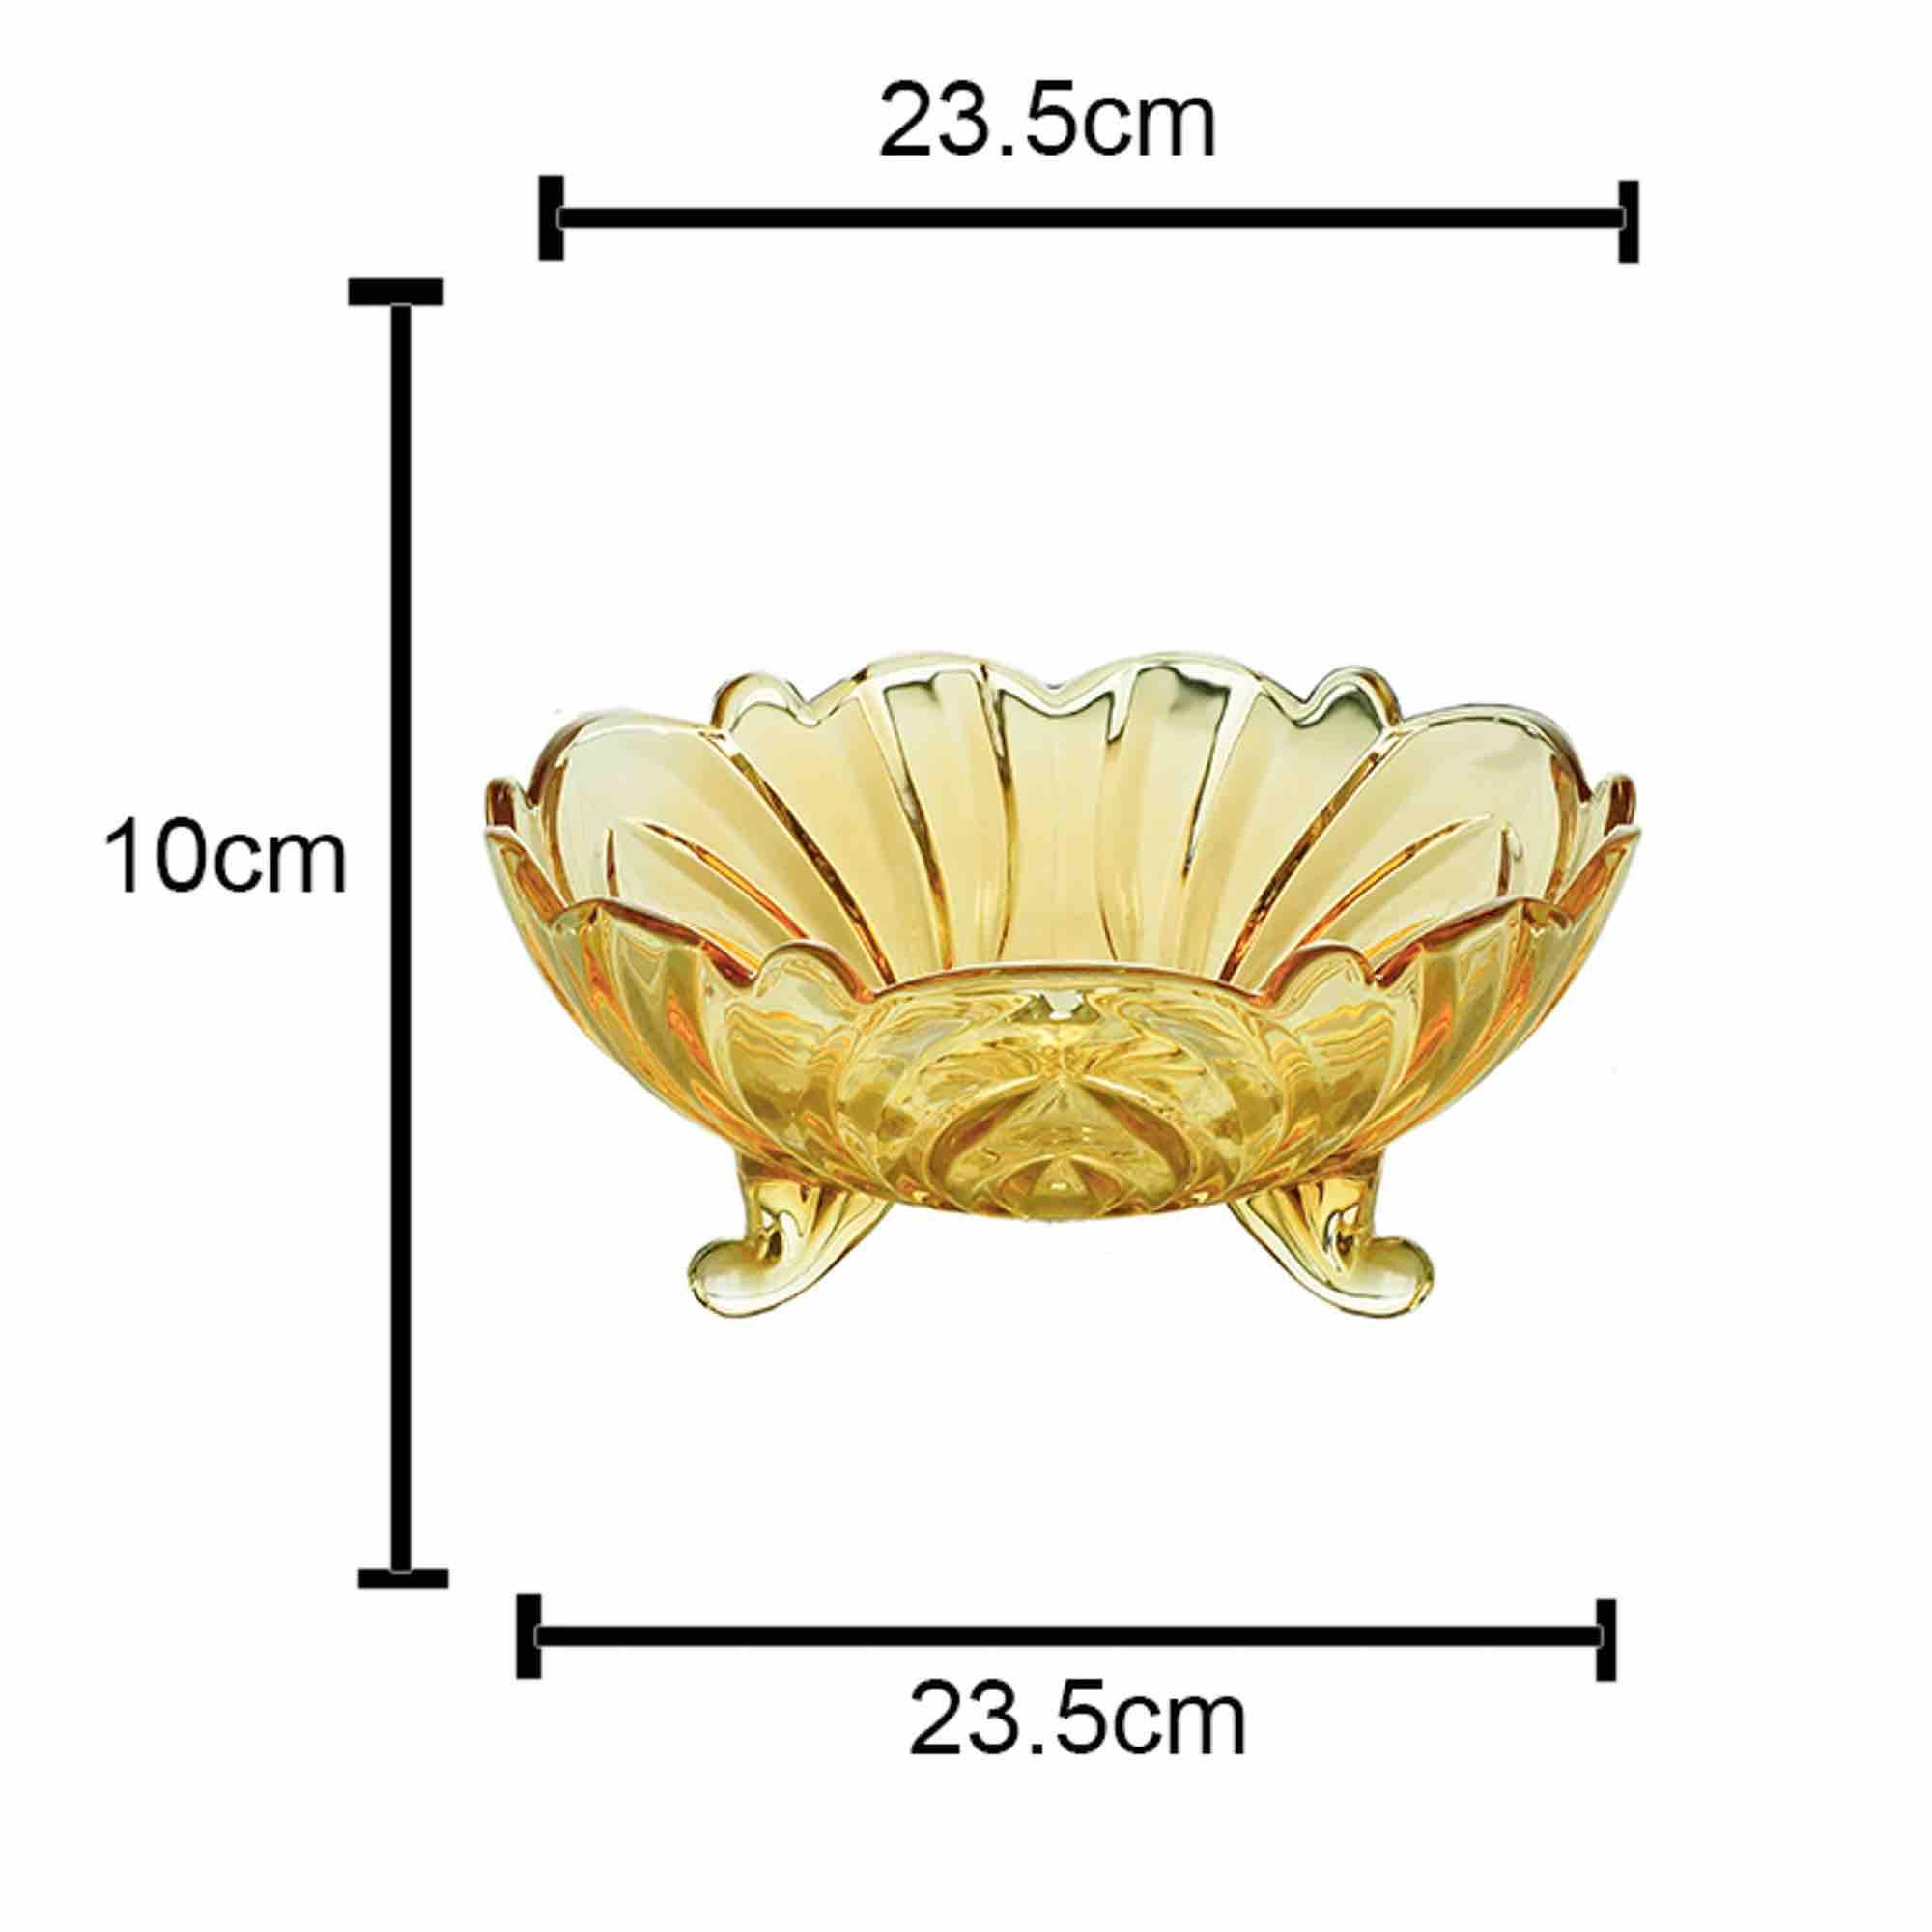 Centro de Mesa / Fruteira De Cristal de Chumbo Fruit Ambar 23 x 10 cm